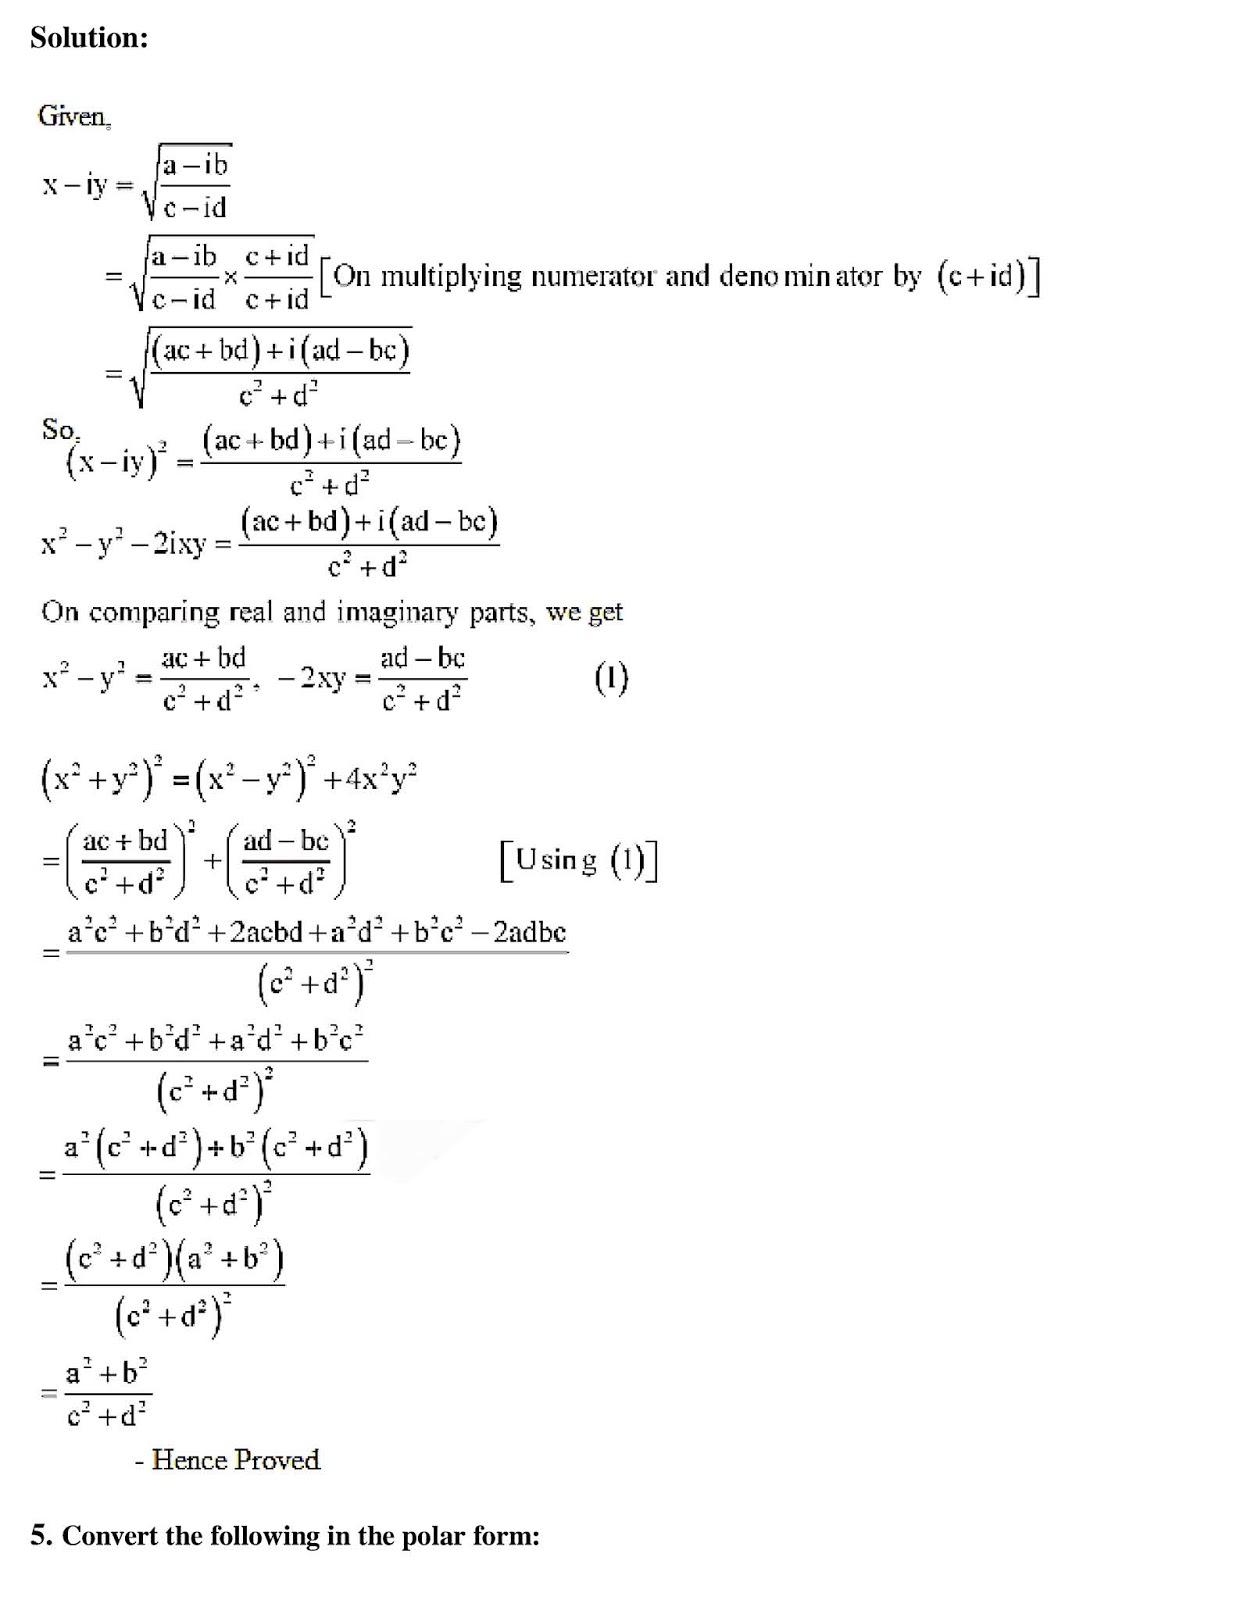 Class 11 Maths Chapter 5 Complex Numbers and Quadratic Equations,  11th Maths book in hindi,11th Maths notes in hindi,cbse books for class  11,cbse books in hindi,cbse ncert books,class  11  Maths notes in hindi,class  11 hindi ncert solutions, Maths 2020, Maths 2021, Maths 2022, Maths book class  11, Maths book in hindi, Maths class  11 in hindi, Maths notes for class  11 up board in hindi,ncert all books,ncert app in hindi,ncert book solution,ncert books class 10,ncert books class  11,ncert books for class 7,ncert books for upsc in hindi,ncert books in hindi class 10,ncert books in hindi for class  11  Maths,ncert books in hindi for class 6,ncert books in hindi pdf,ncert class  11 hindi book,ncert english book,ncert  Maths book in hindi,ncert  Maths books in hindi pdf,ncert  Maths class  11,ncert in hindi,old ncert books in hindi,online ncert books in hindi,up board  11th,up board  11th syllabus,up board class 10 hindi book,up board class  11 books,up board class  11 new syllabus,up Board  Maths 2020,up Board  Maths 2021,up Board  Maths 2022,up Board  Maths 2023,up board intermediate  Maths syllabus,up board intermediate syllabus 2021,Up board Master 2021,up board model paper 2021,up board model paper all subject,up board new syllabus of class 11th Maths,up board paper 2021,Up board syllabus 2021,UP board syllabus 2022,   11 वीं मैथ्स पुस्तक हिंदी में,  11 वीं मैथ्स नोट्स हिंदी में, कक्षा  11 के लिए सीबीएससी पुस्तकें, हिंदी में सीबीएससी पुस्तकें, सीबीएससी  पुस्तकें, कक्षा  11 मैथ्स नोट्स हिंदी में, कक्षा  11 हिंदी एनसीईआरटी समाधान, मैथ्स 2020, मैथ्स 2021, मैथ्स 2022, मैथ्स  बुक क्लास  11, मैथ्स बुक इन हिंदी, बायोलॉजी क्लास  11 हिंदी में, मैथ्स नोट्स इन क्लास  11 यूपी  बोर्ड इन हिंदी, एनसीईआरटी मैथ्स की किताब हिंदी में,  बोर्ड  11 वीं तक,  11 वीं तक की पाठ्यक्रम, बोर्ड कक्षा 10 की हिंदी पुस्तक  , बोर्ड की कक्षा  11 की किताबें, बोर्ड की कक्षा  11 की नई पाठ्यक्रम, बोर्ड मैथ्स 2020, यूपी   बोर्ड मैथ्स 2021, यूपी  बोर्ड मैथ्स 2022, यूपी  बोर्ड मैथ्स 2023, यूपी  बोर्ड इ